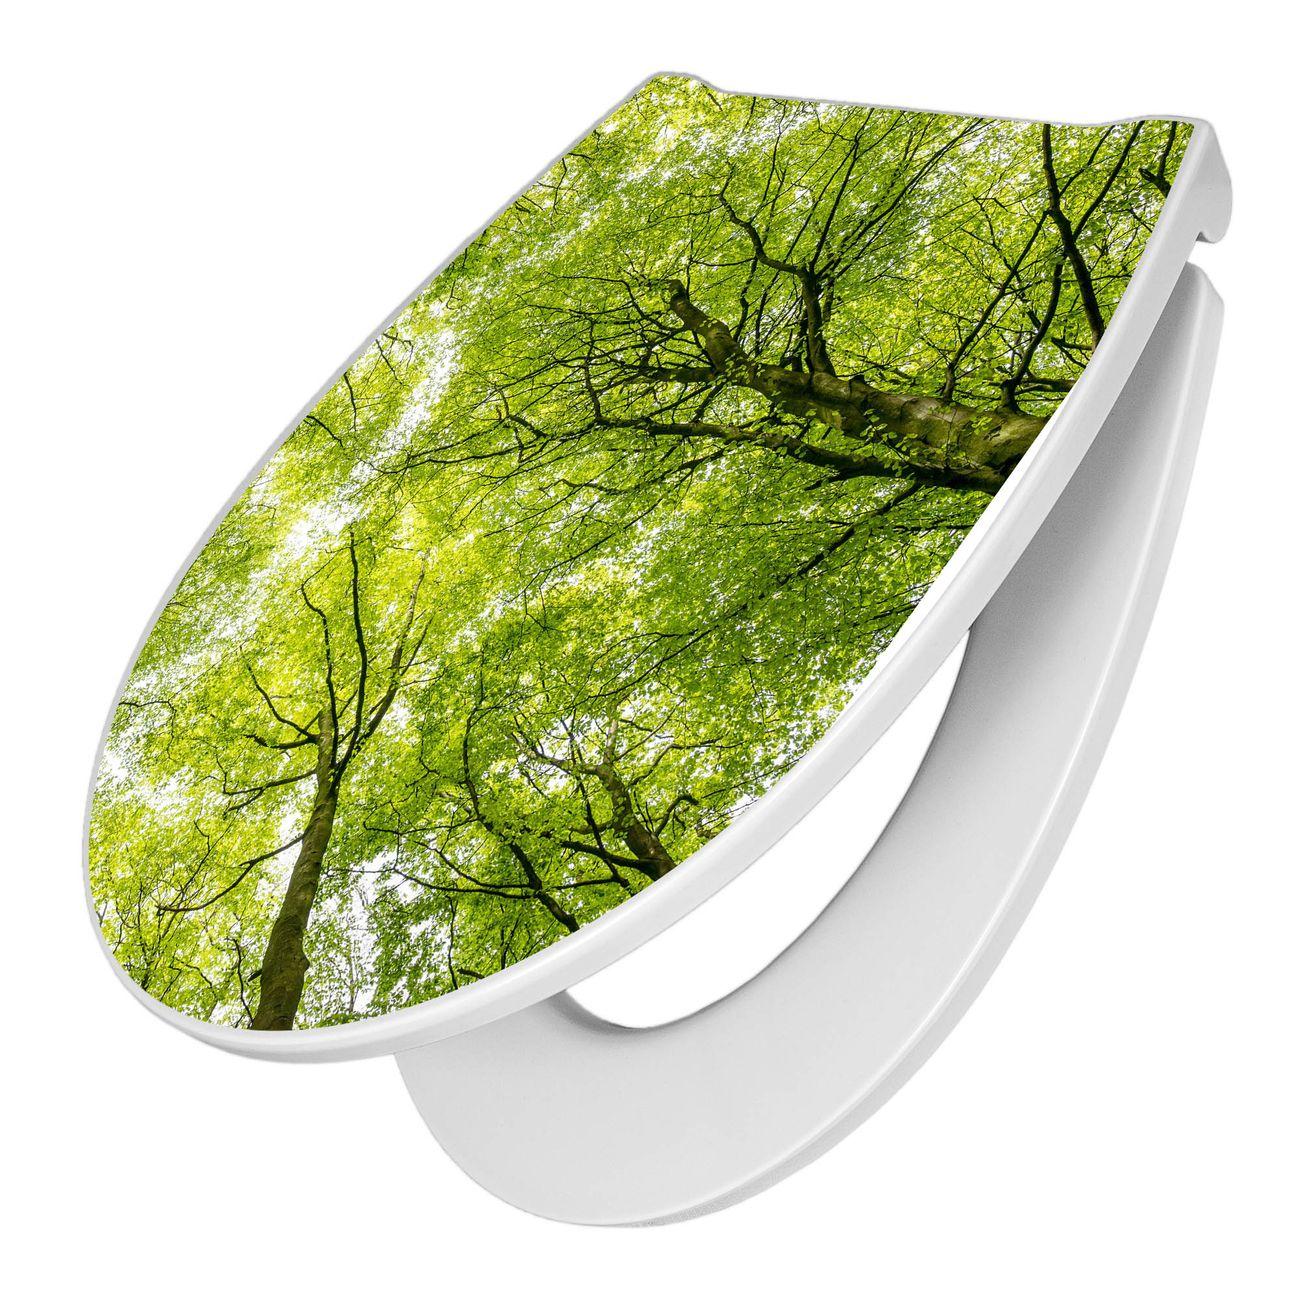 Premium WC-Sitz Softclose Absenkautomatik Motiv Zwischen Bäumen